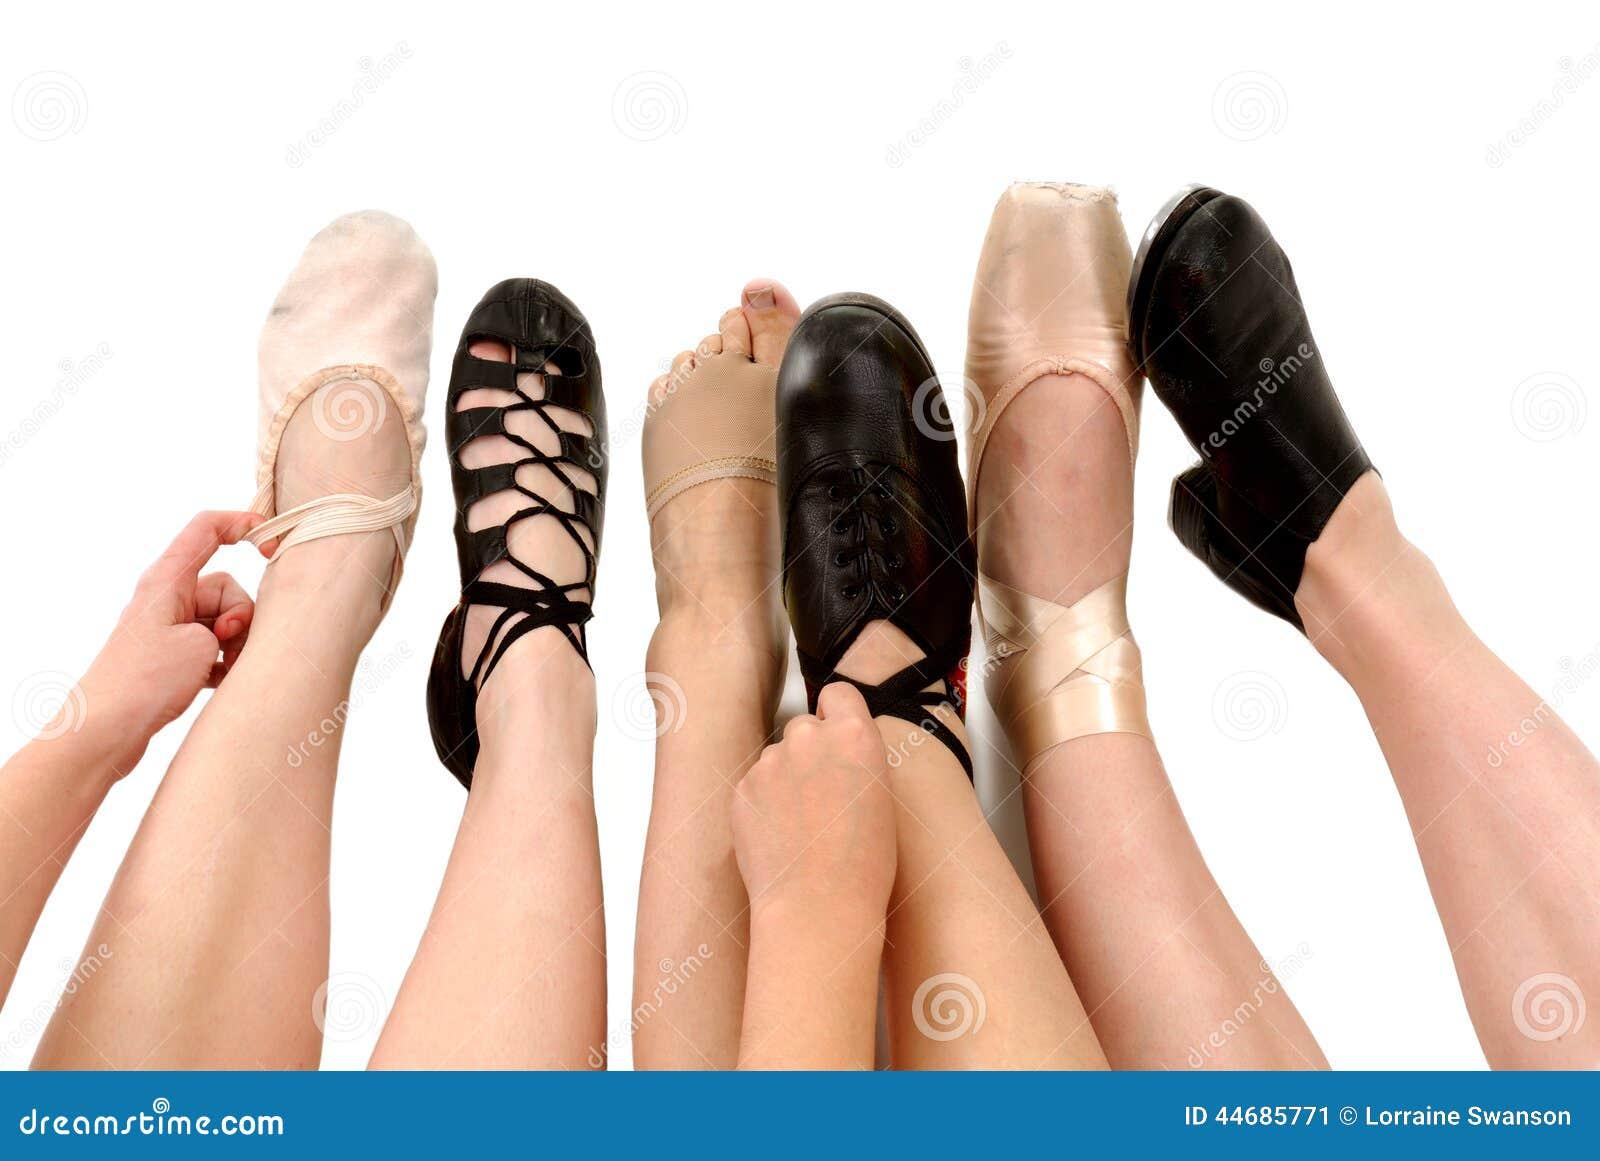 Estilos de sapatas da dança nos pés